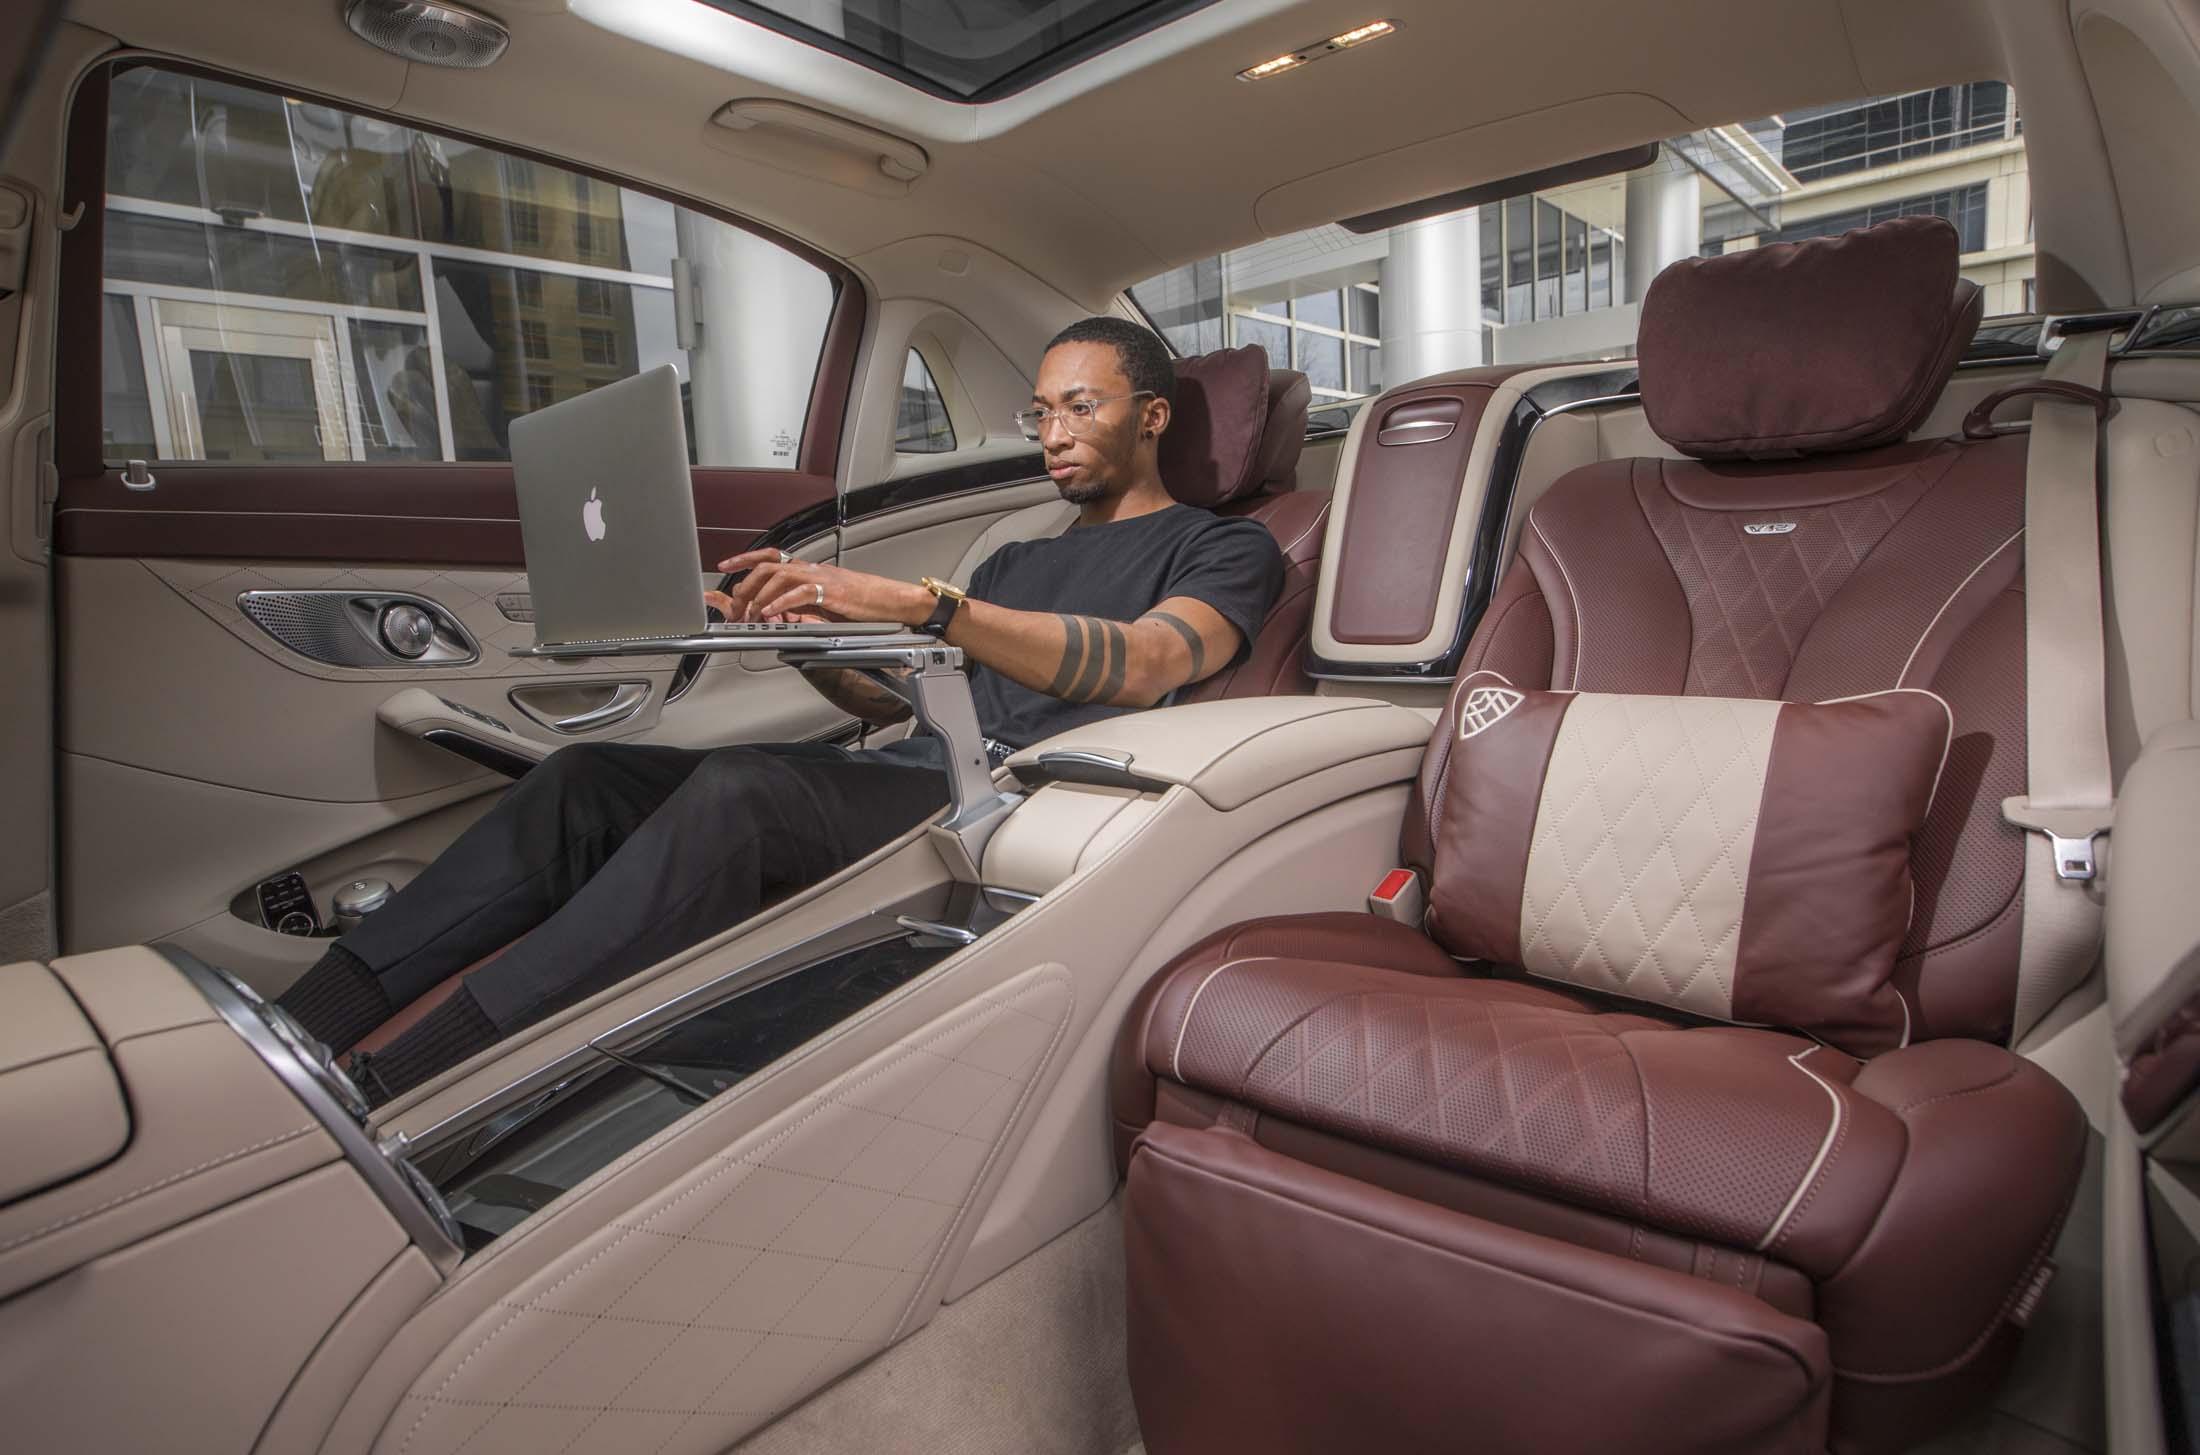 ホテルのように快適な高級車の後部座席ーマッサージ機能や冷蔵庫完備 - Bloomberg